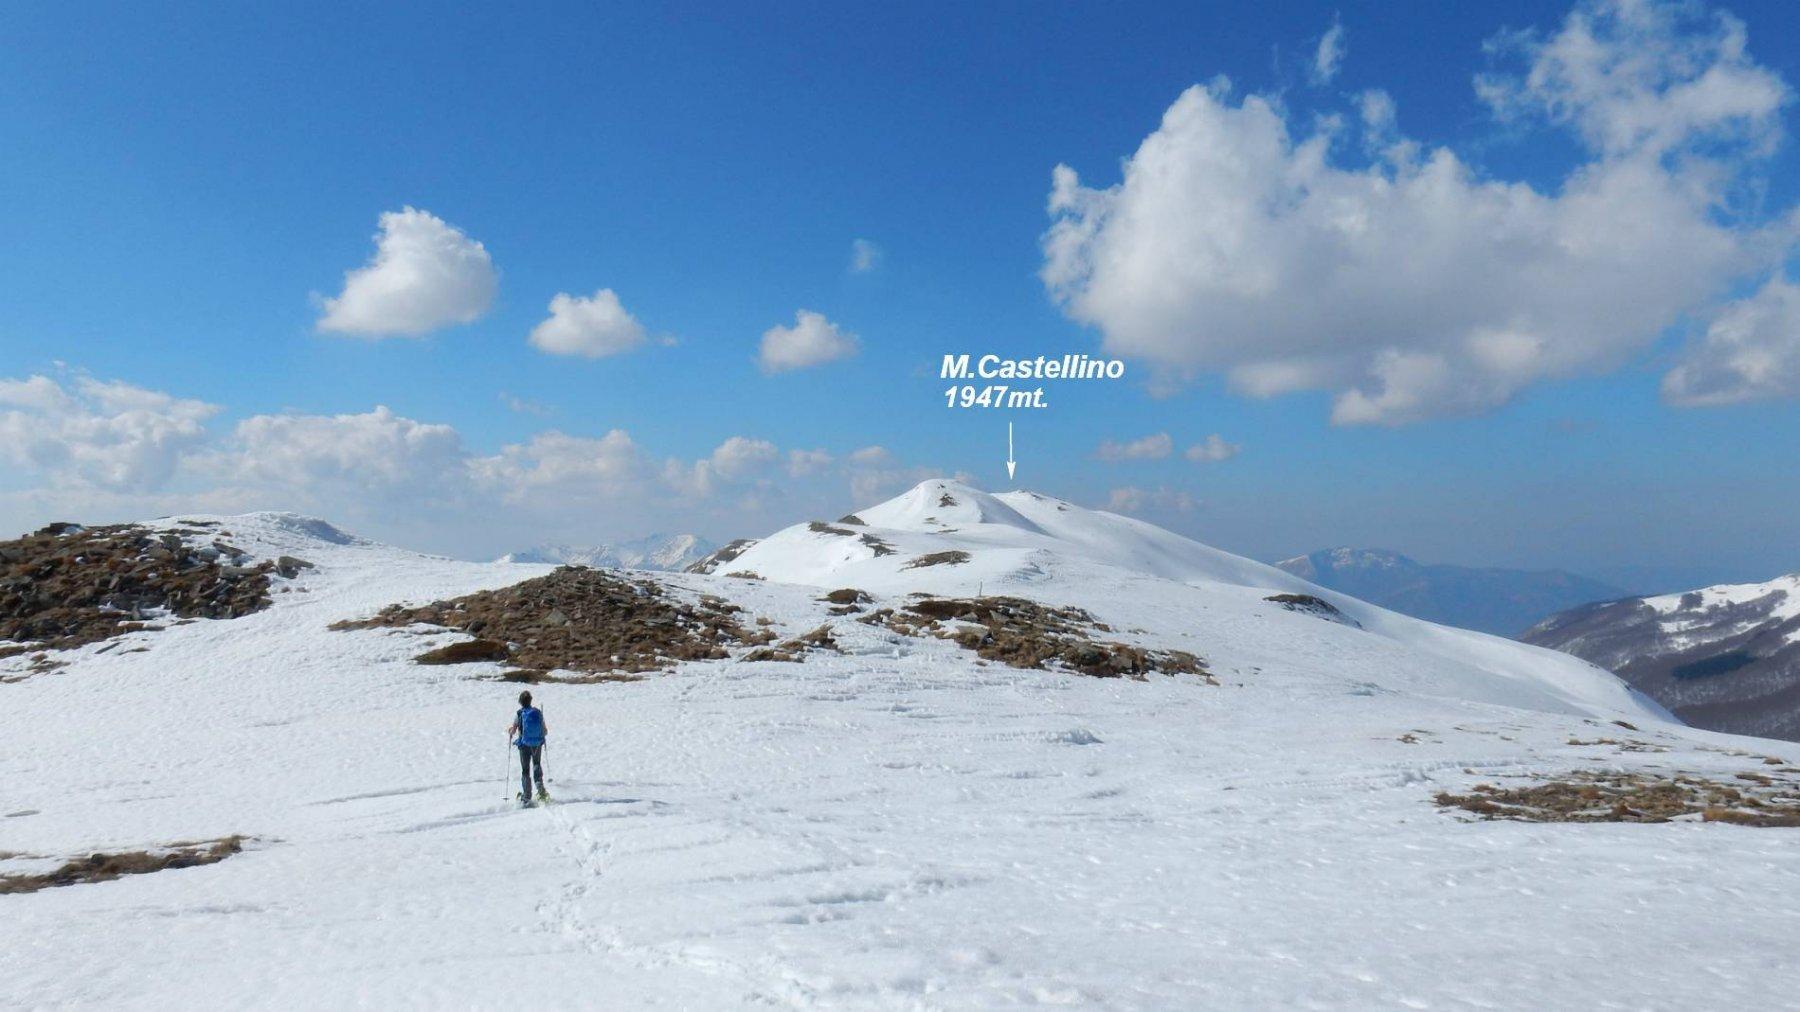 Sulla cresta verso il M.Castellino.